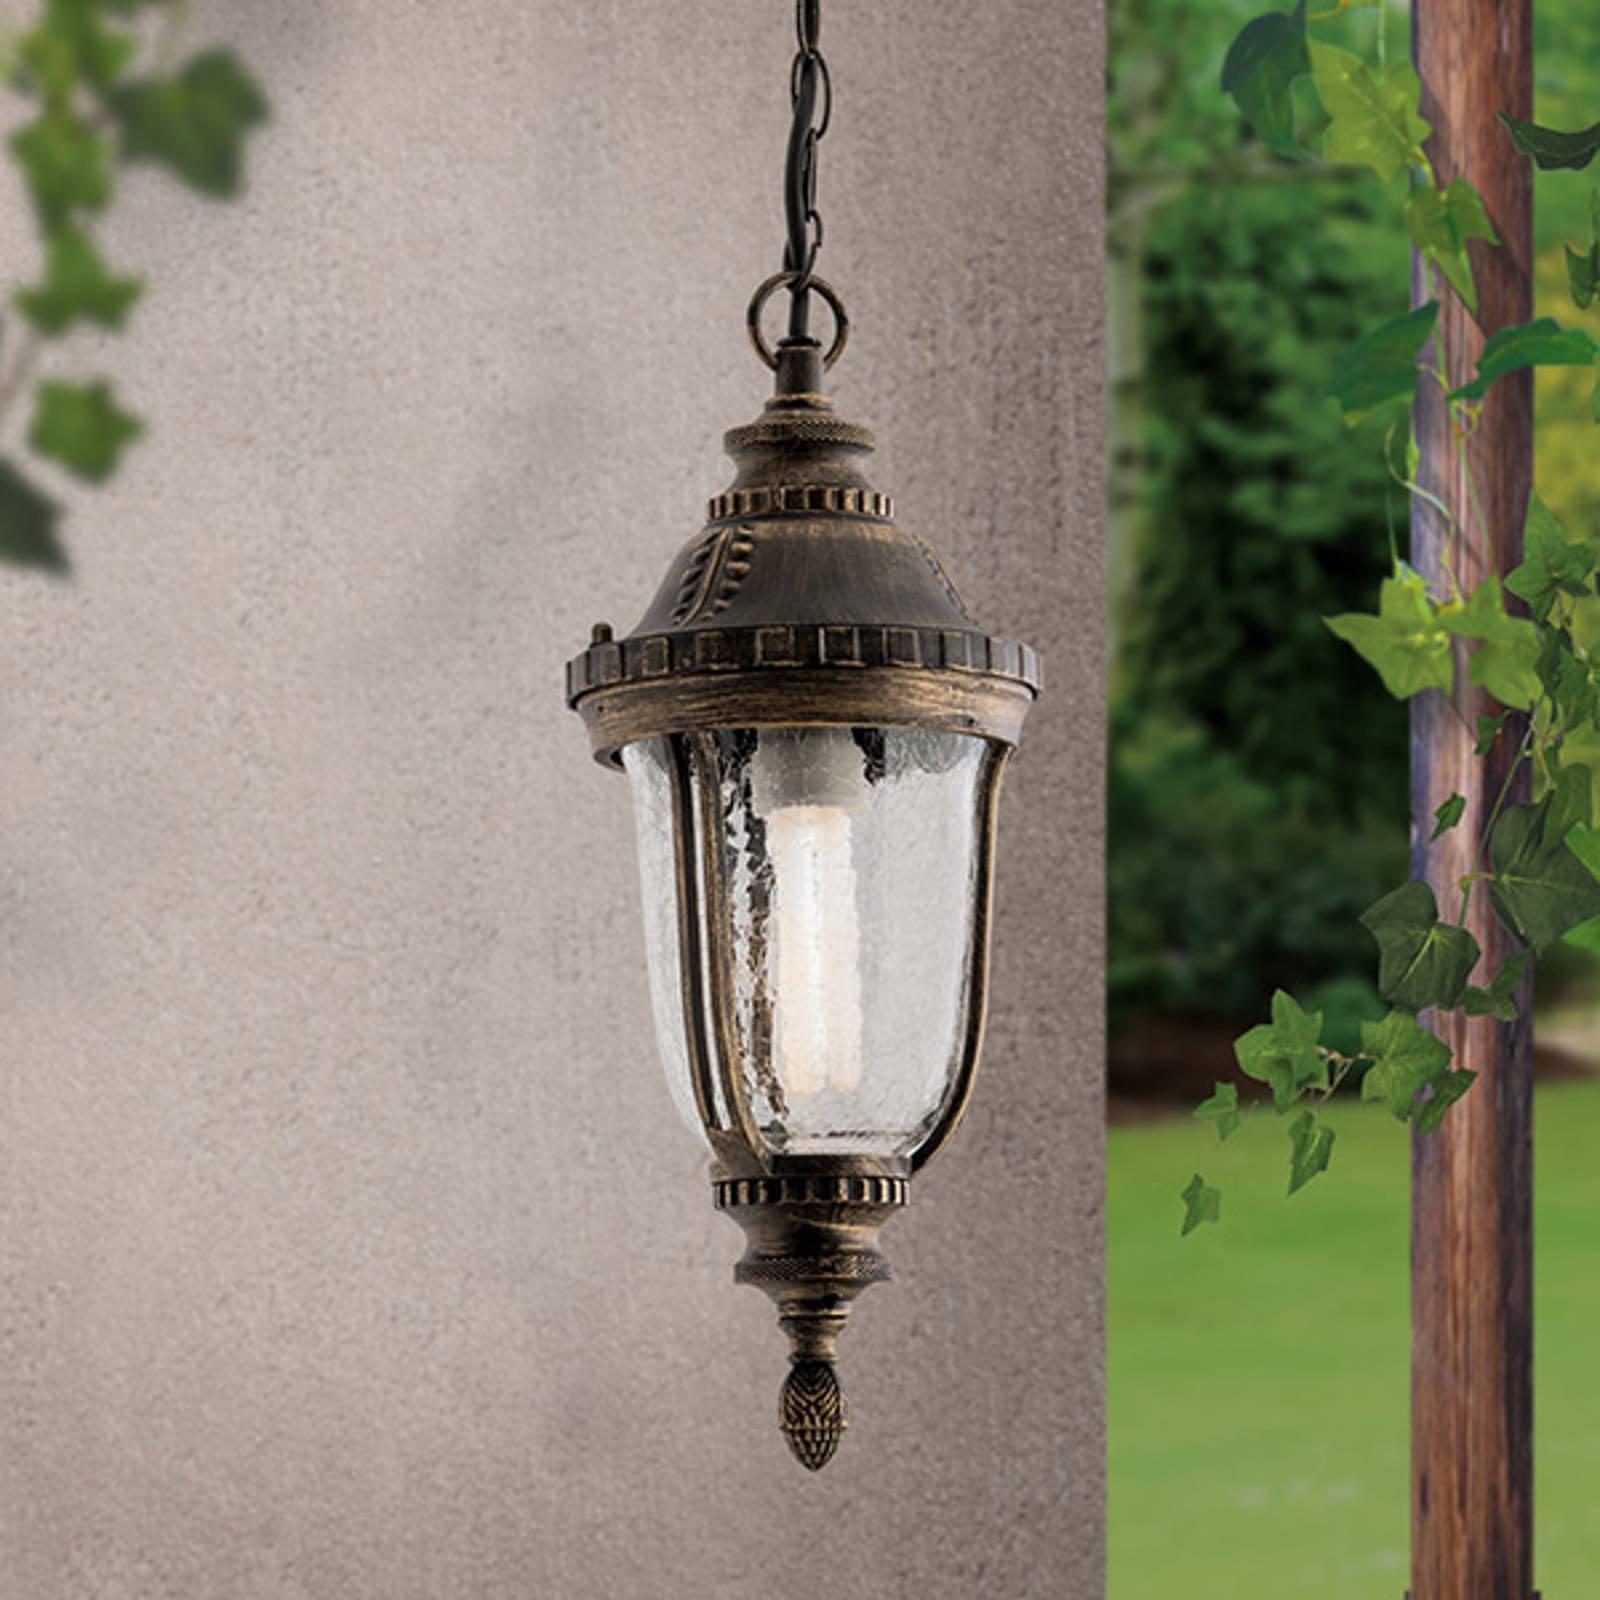 Lampen Günstig Online Kaufen: Lampen Von ORION. Günstig Online Kaufen Bei Möbel & Garten